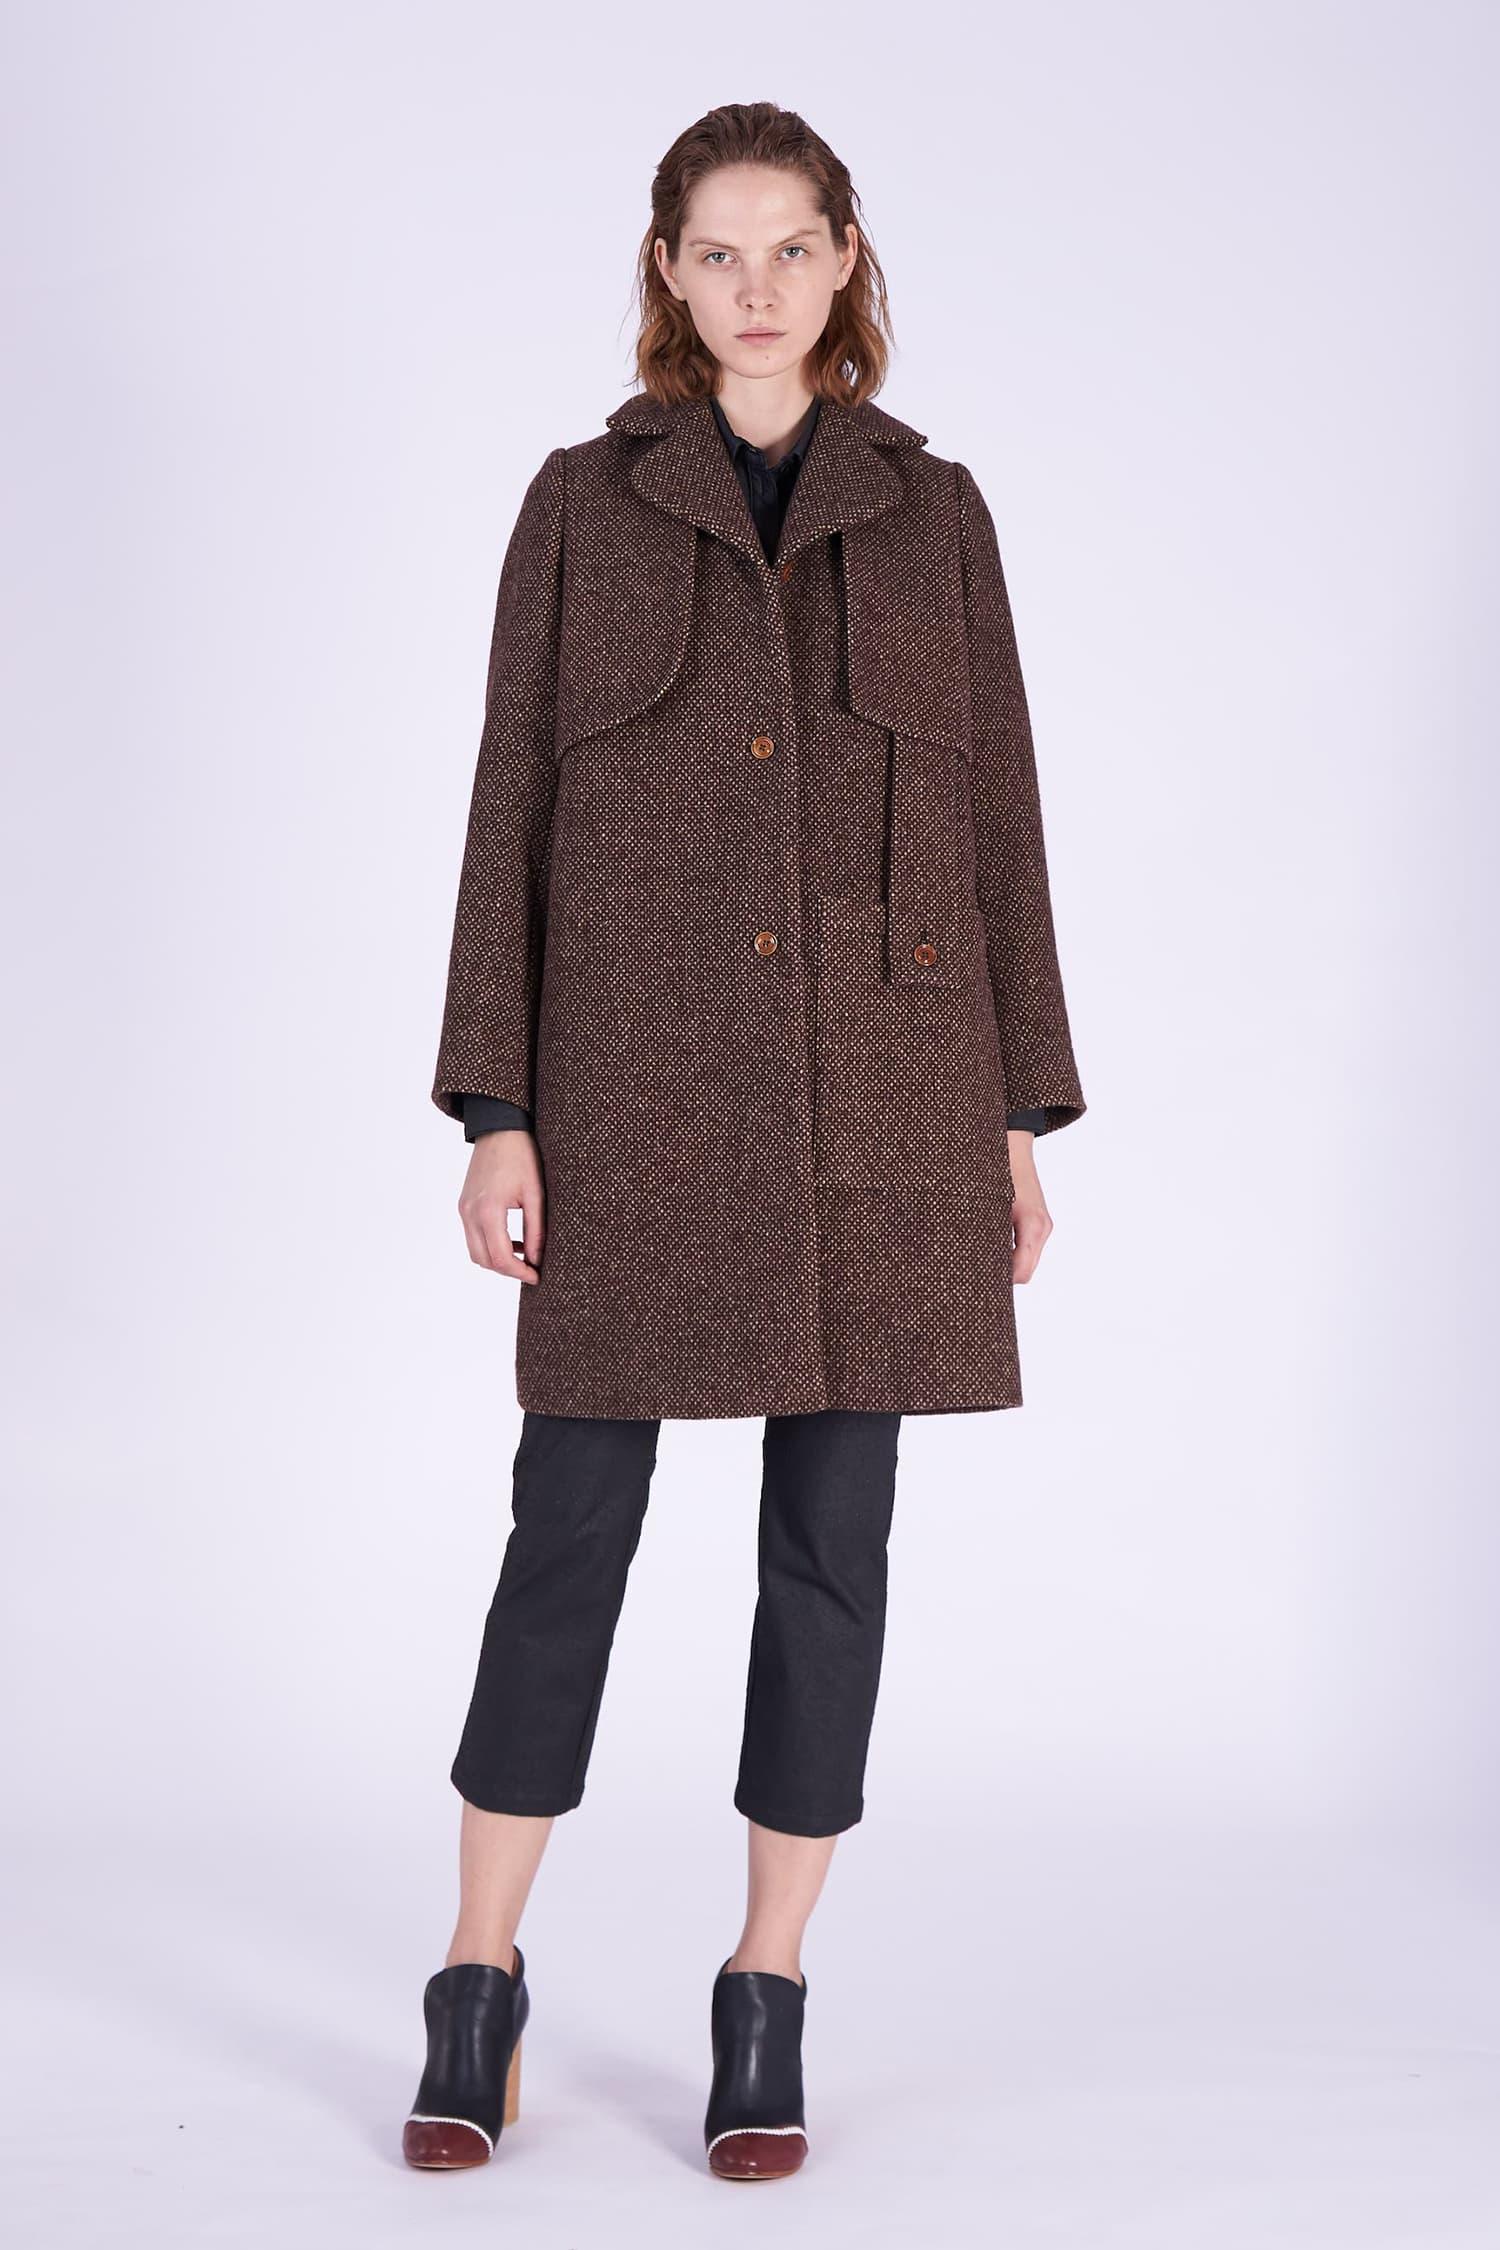 Acephala AW2018-19 Brown Woolen Coat // Brazowy Płaszcz Wełniany